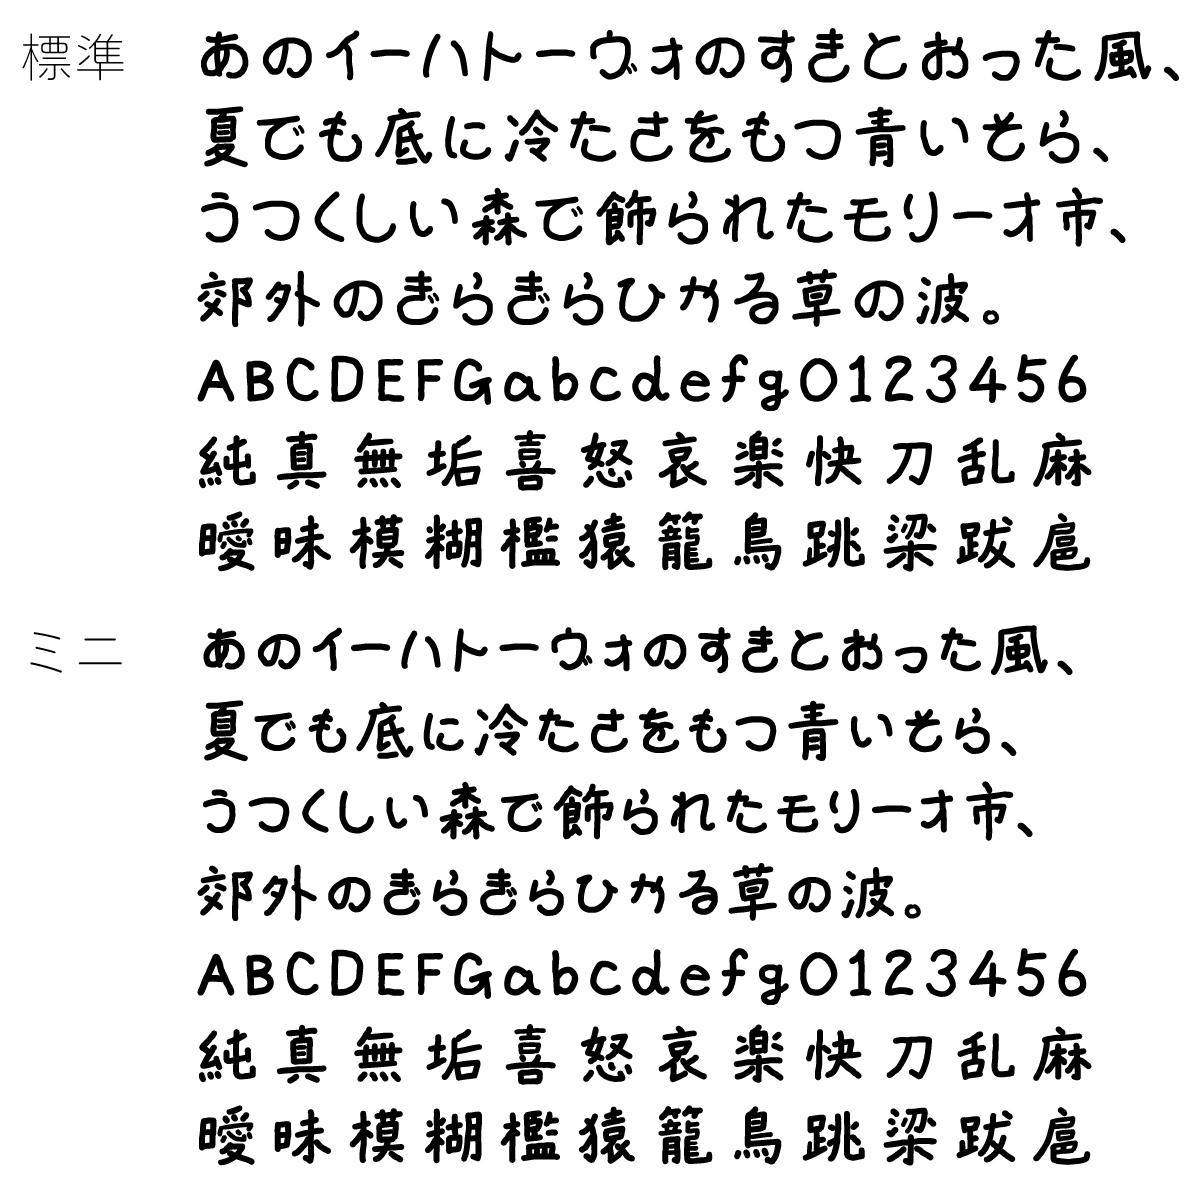 mihon2020_takumiyfont.jpg